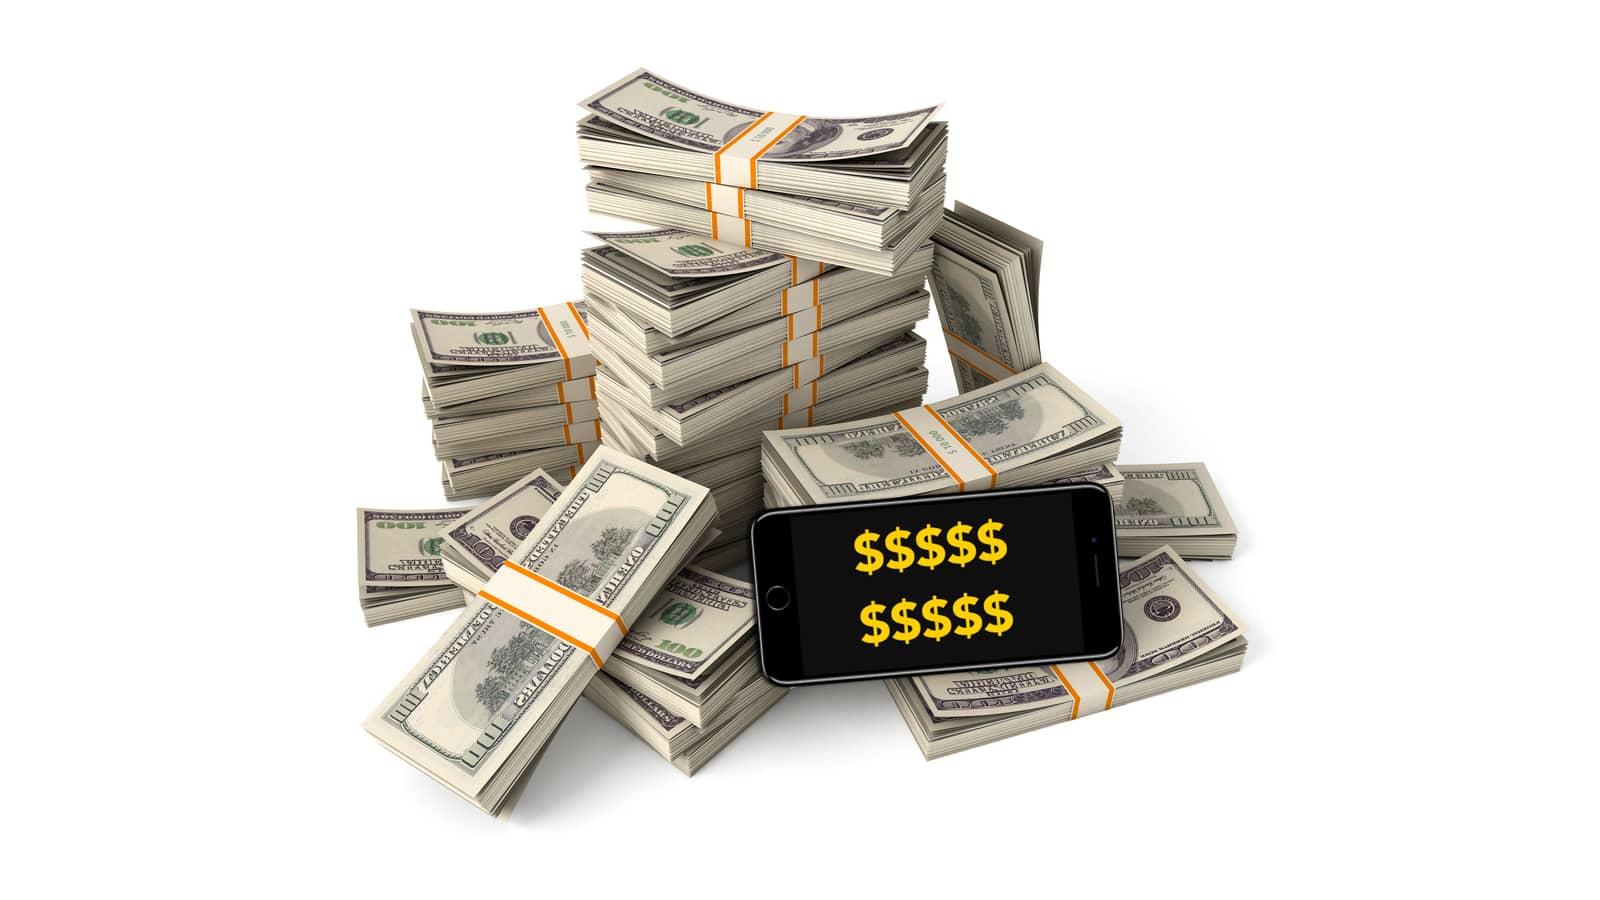 Generic image of Apple's U.S. debt with cash.